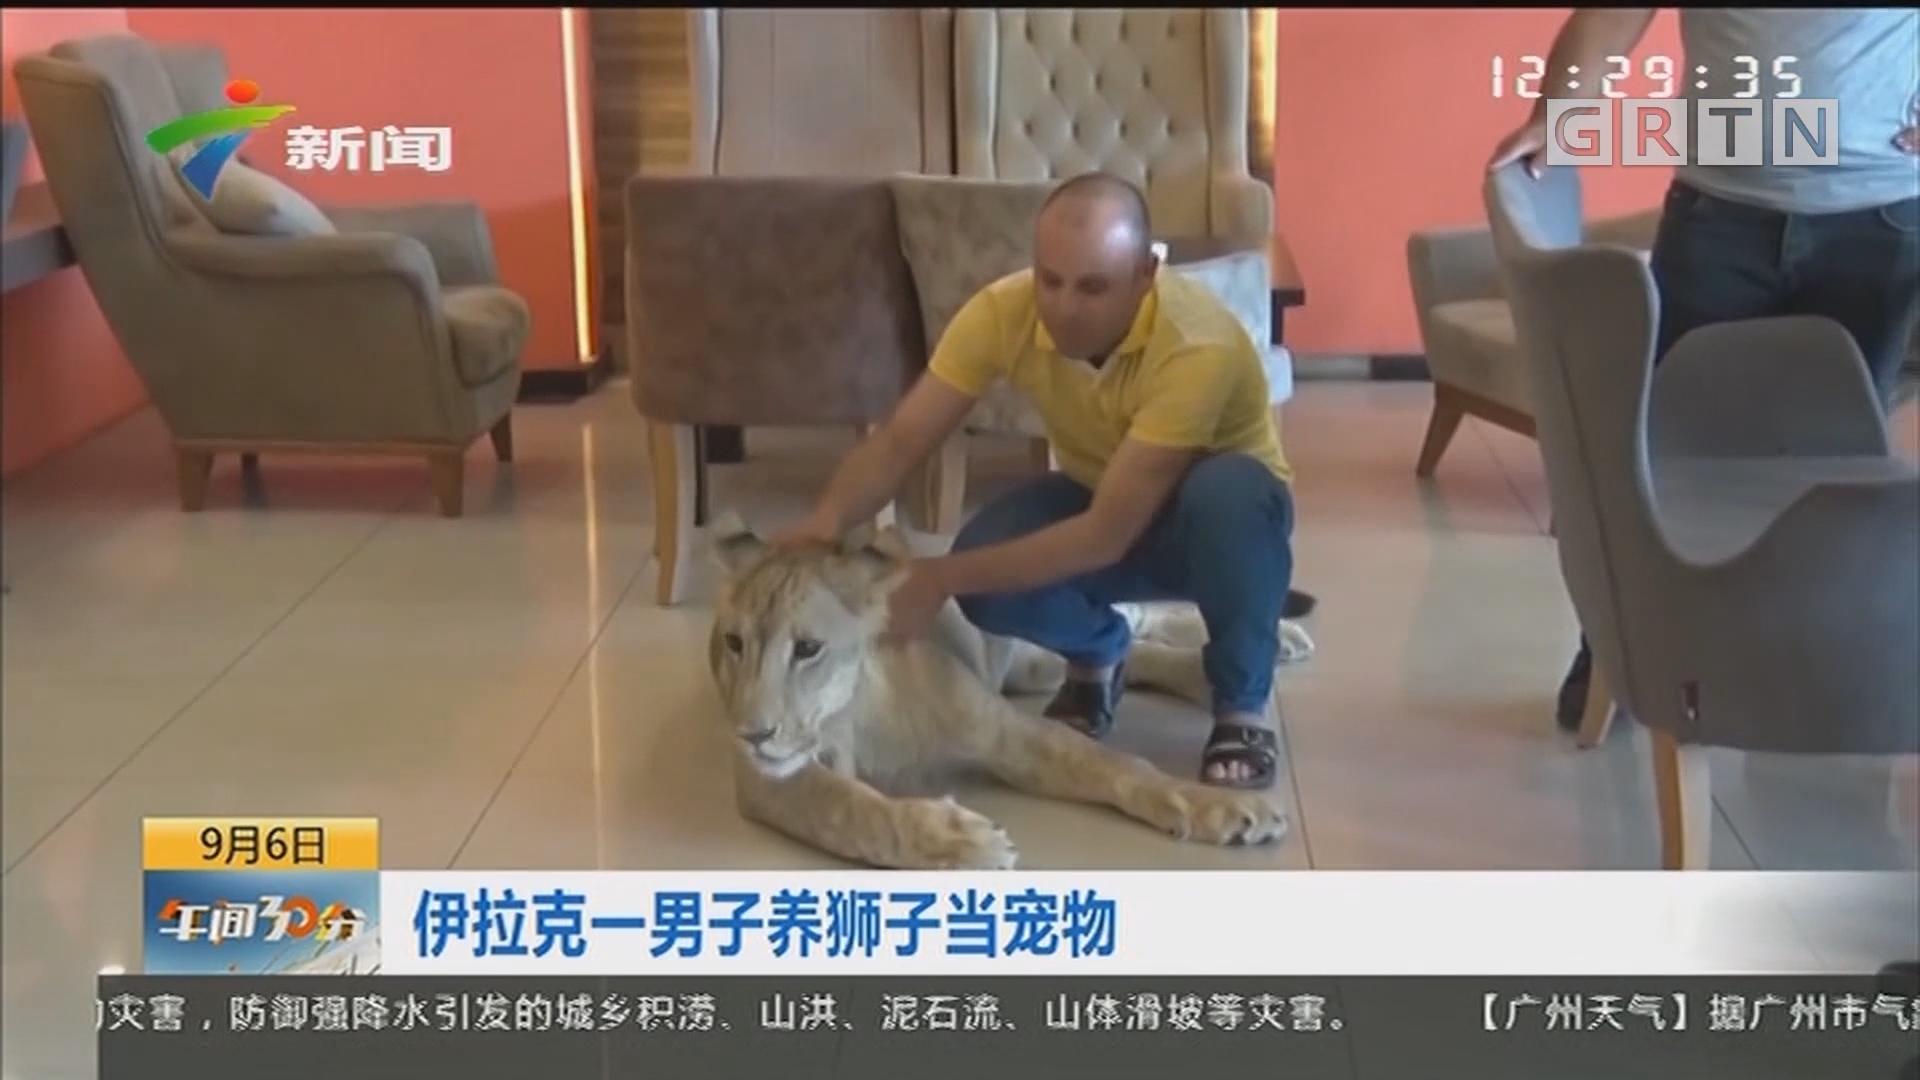 伊拉克一男子养狮子当宠物